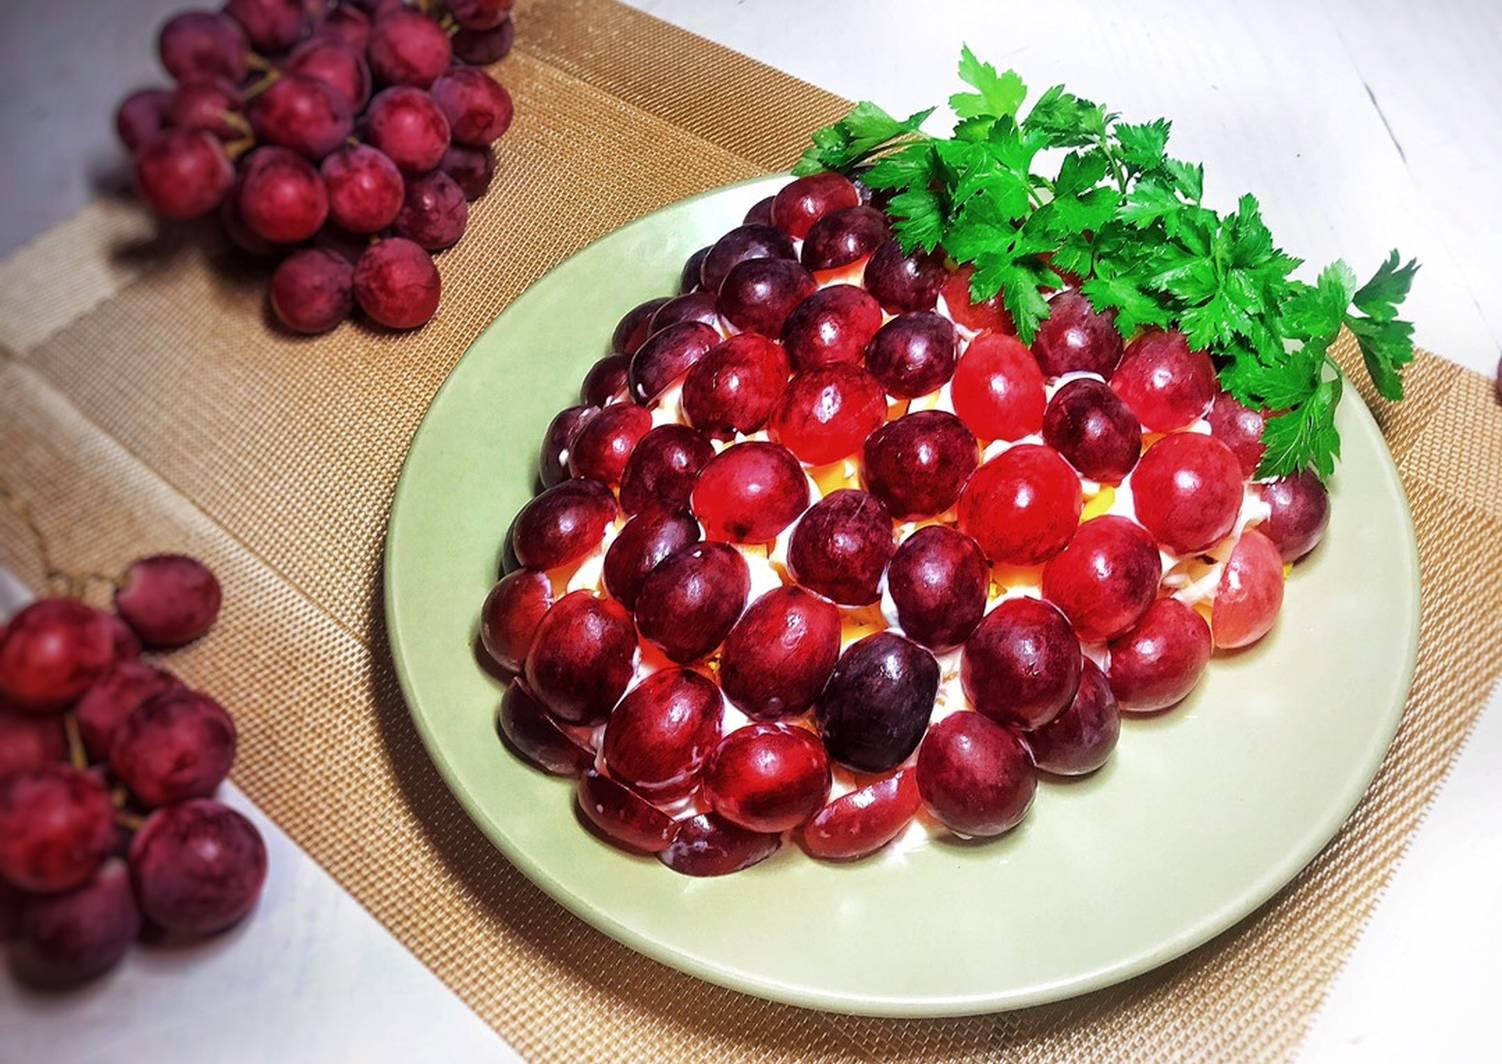 рецепт салата виноградная гроздь с фото всех